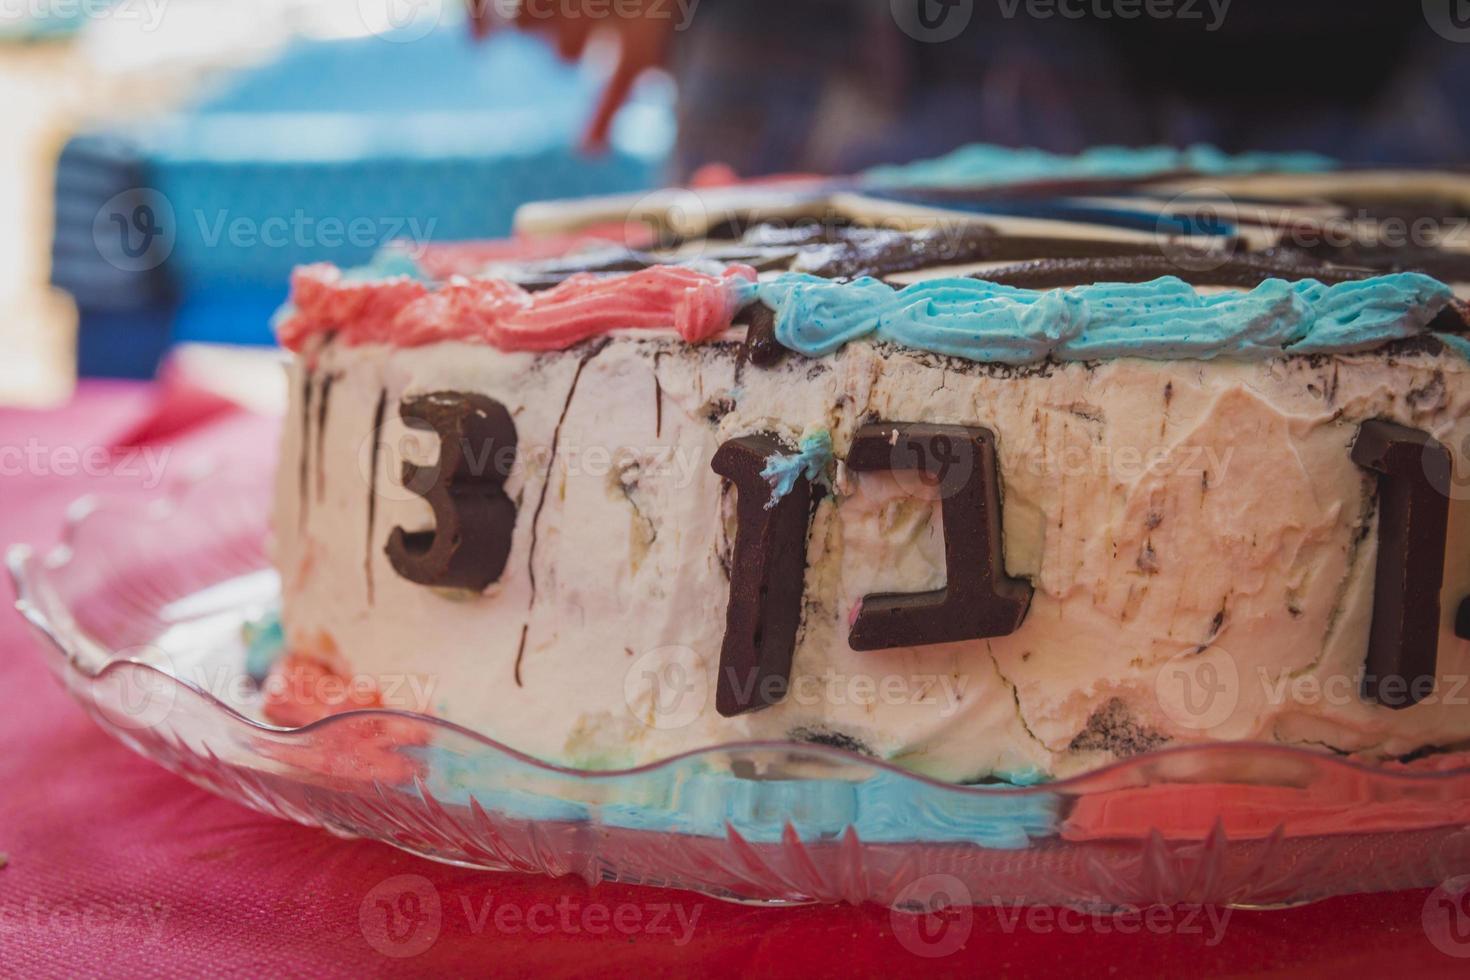 födelsedagstårta nummer 3 dekoration gjord av choklad på gräddtårta foto